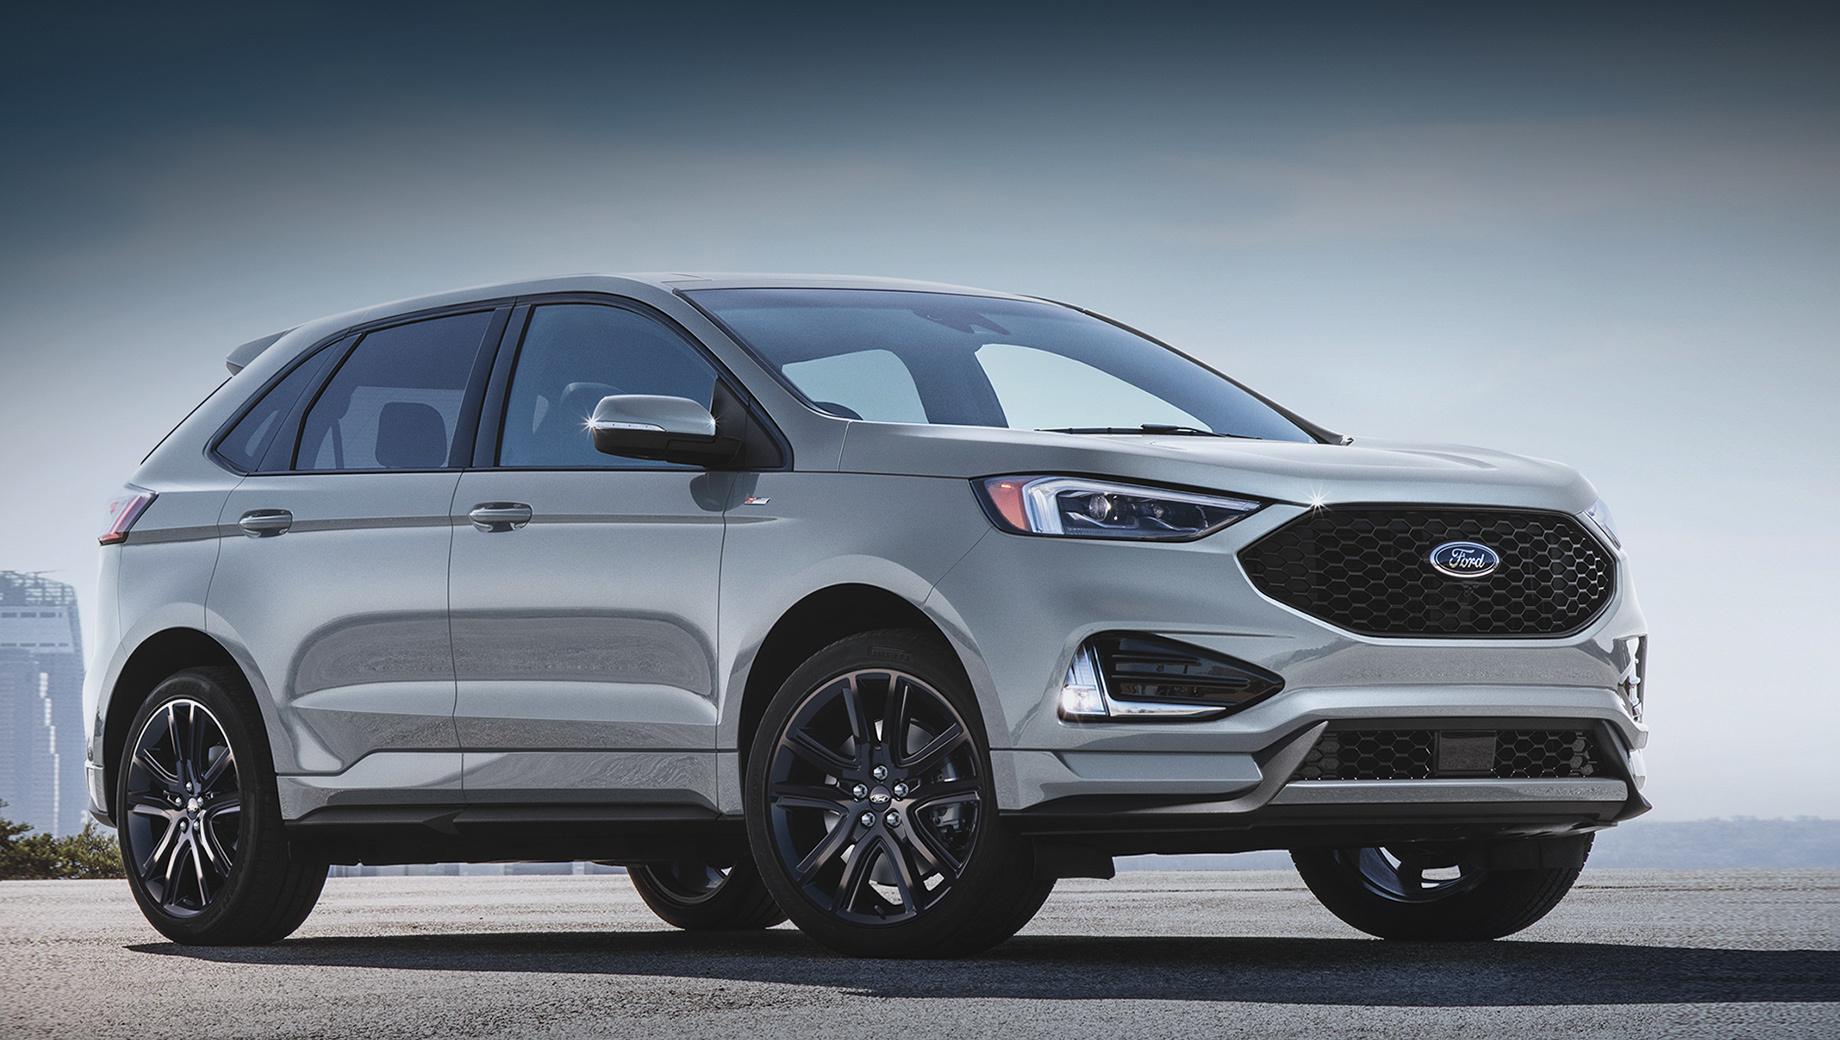 Ford edge. В 2019 году Ford Edge оказался пятым по объёму продаж в США среди одноклассников. Кроссовер нашёл 138 515 покупателей против 134 122 годом ранее. Интересно, что за последние полтора года версию ST выбрали около двадцати тысяч человек.